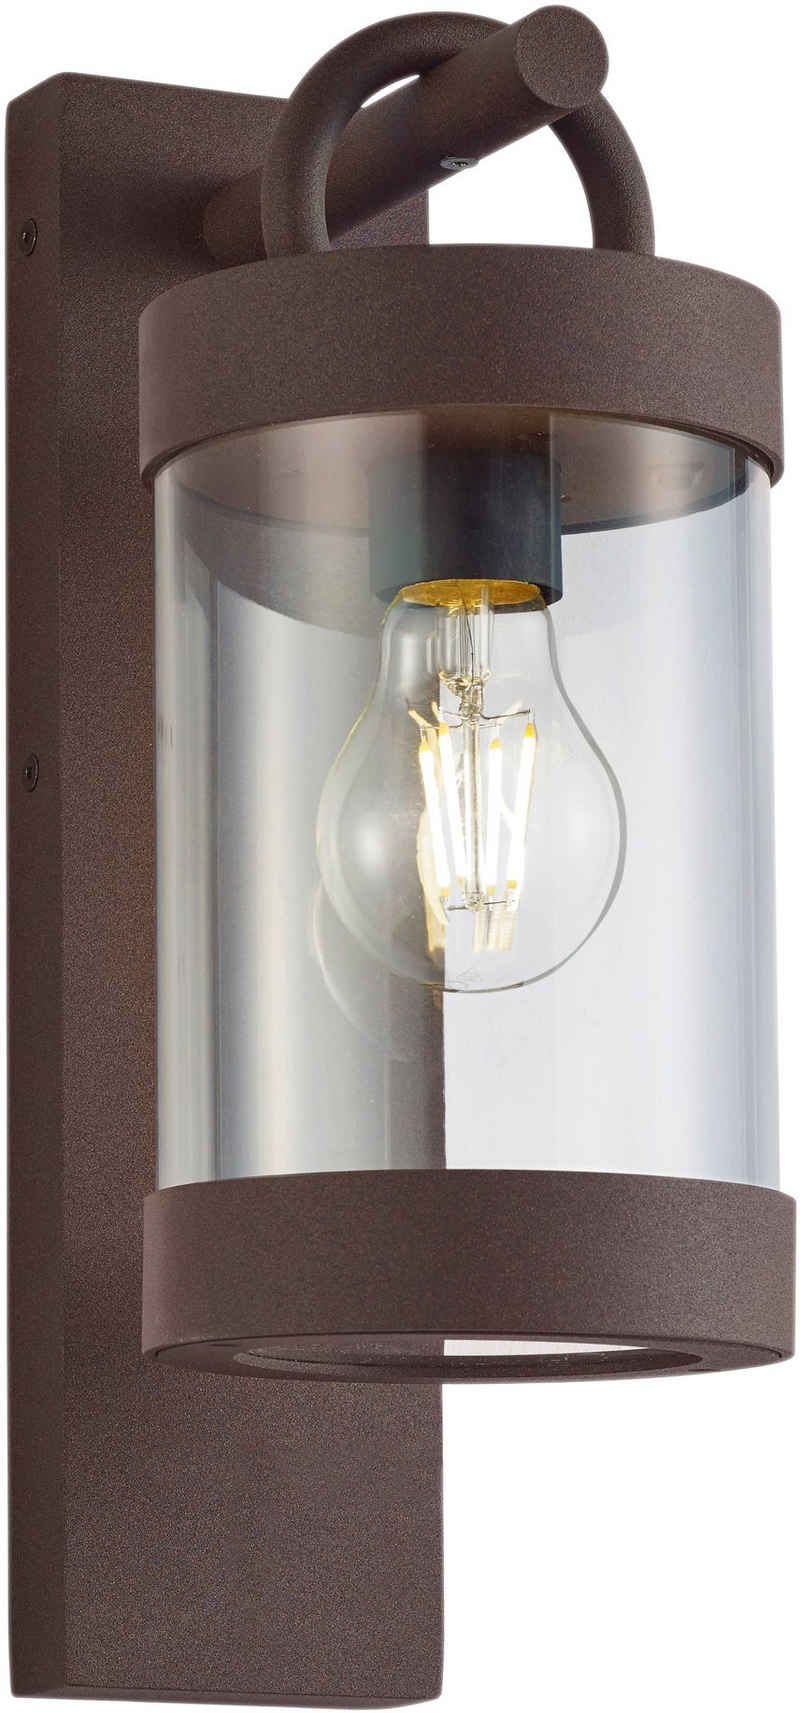 TRIO Leuchten Außen-Wandleuchte »Sambesi«, Dämmerungssensor, Leuchtmittel tauschbar